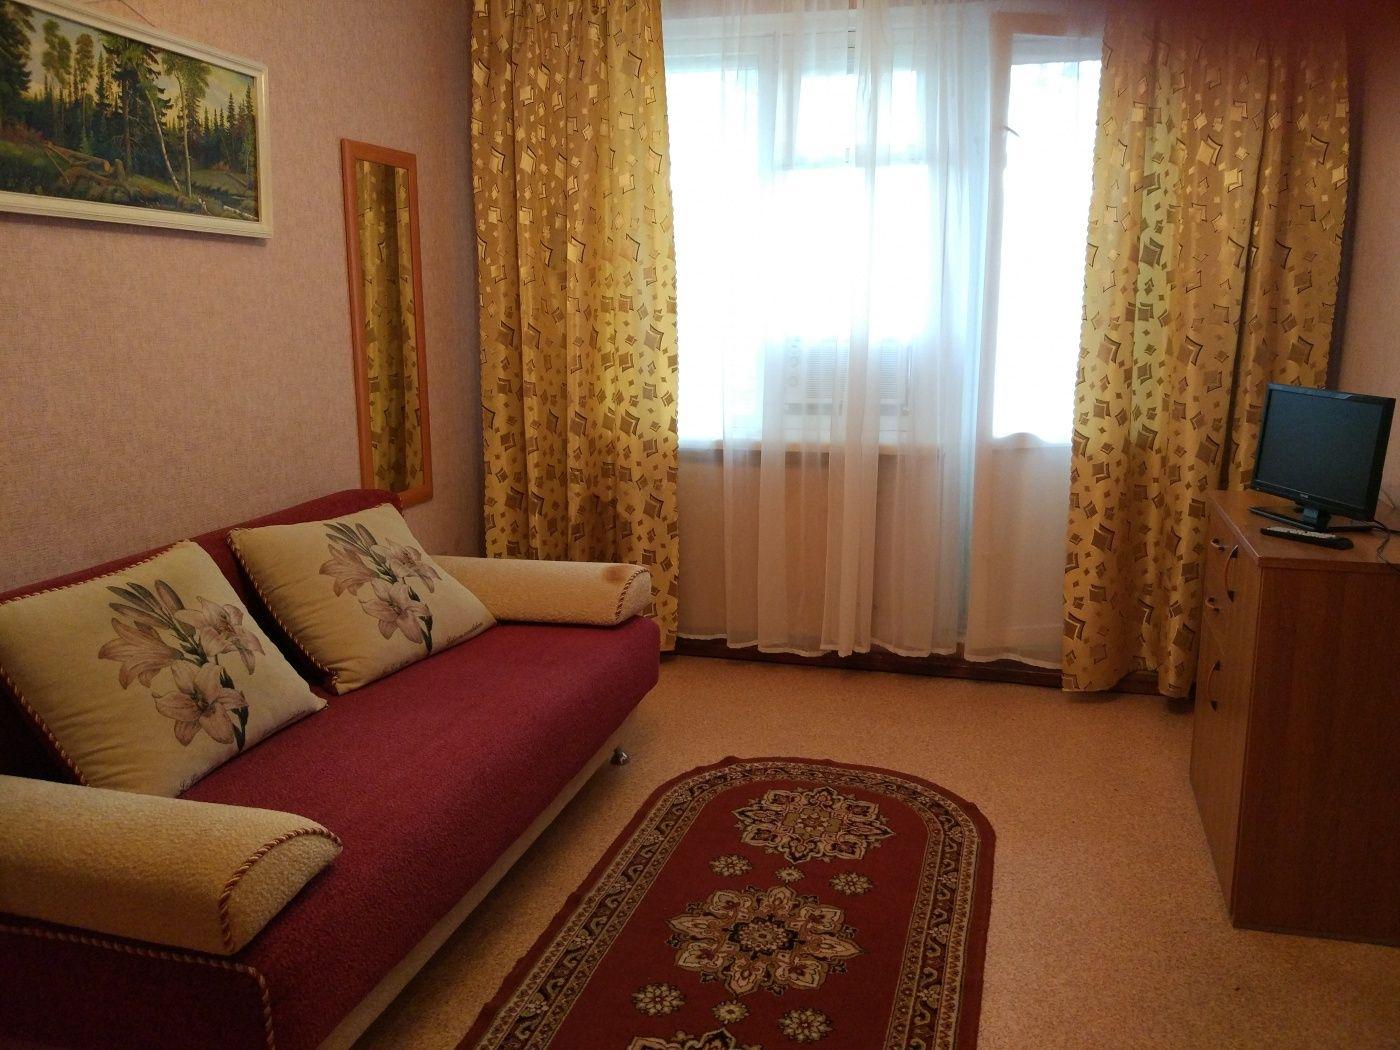 Турбаза «Домостроитель» Саратовская область 2-комнатный номер «люкс» с удобствами (корпус № 1), фото 2